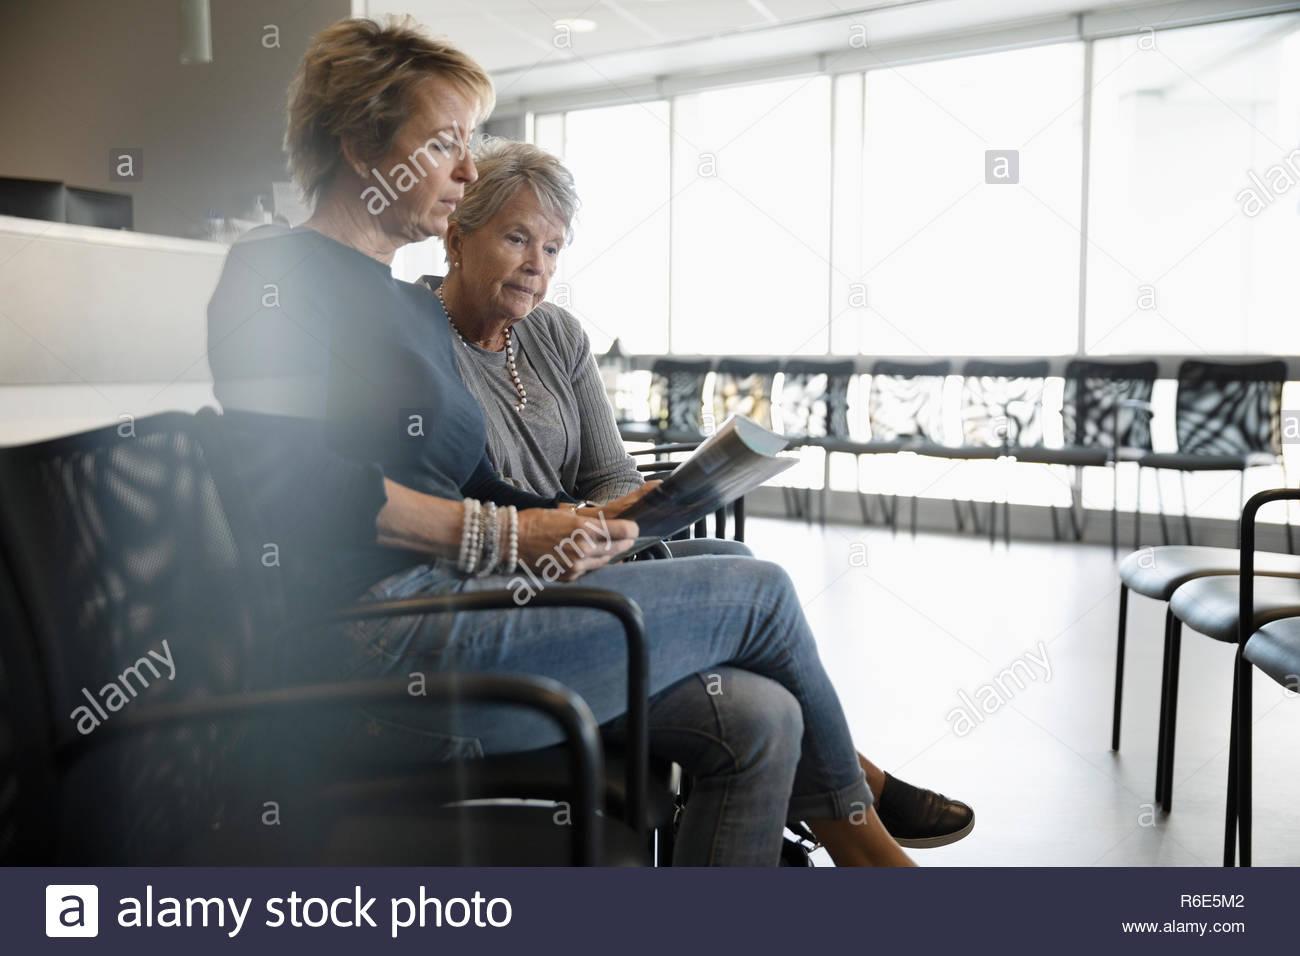 La lecture de la brochure fille mère senior en salle d'attente de la clinique Photo Stock